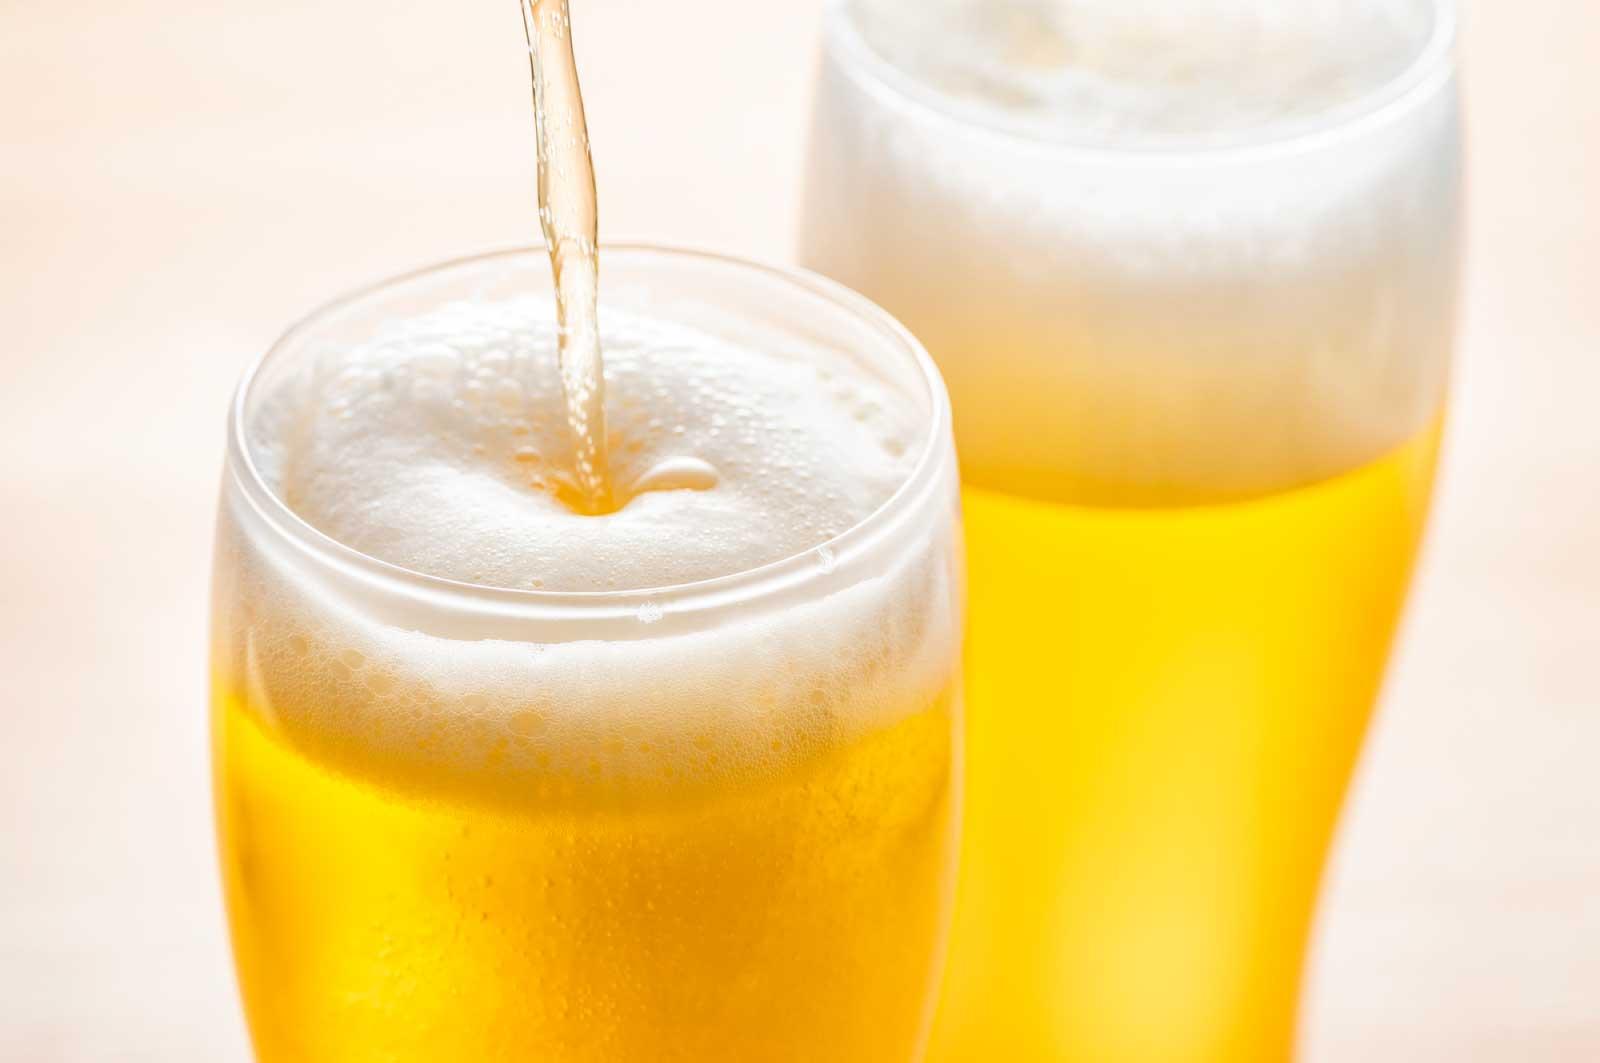 普段飲むのはもっぱらビール